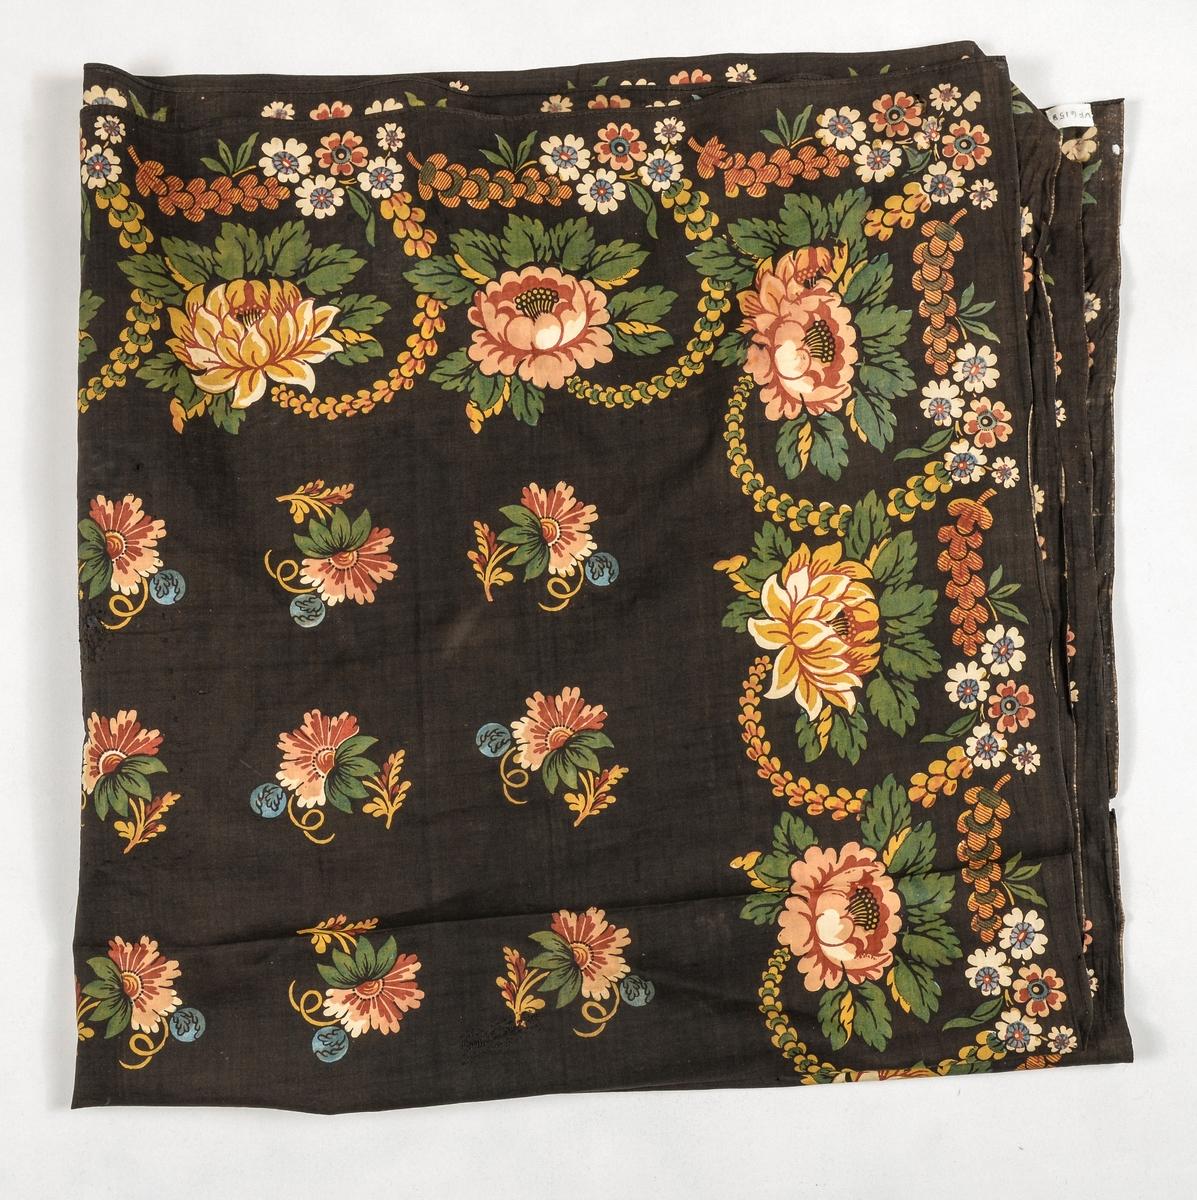 Tørkle i bomullstøy, brunsvart i botn med trykt mønster i blått, gult, grønt, beige og brunt. Falda for hand i to sider, jarekant i dei to ande.